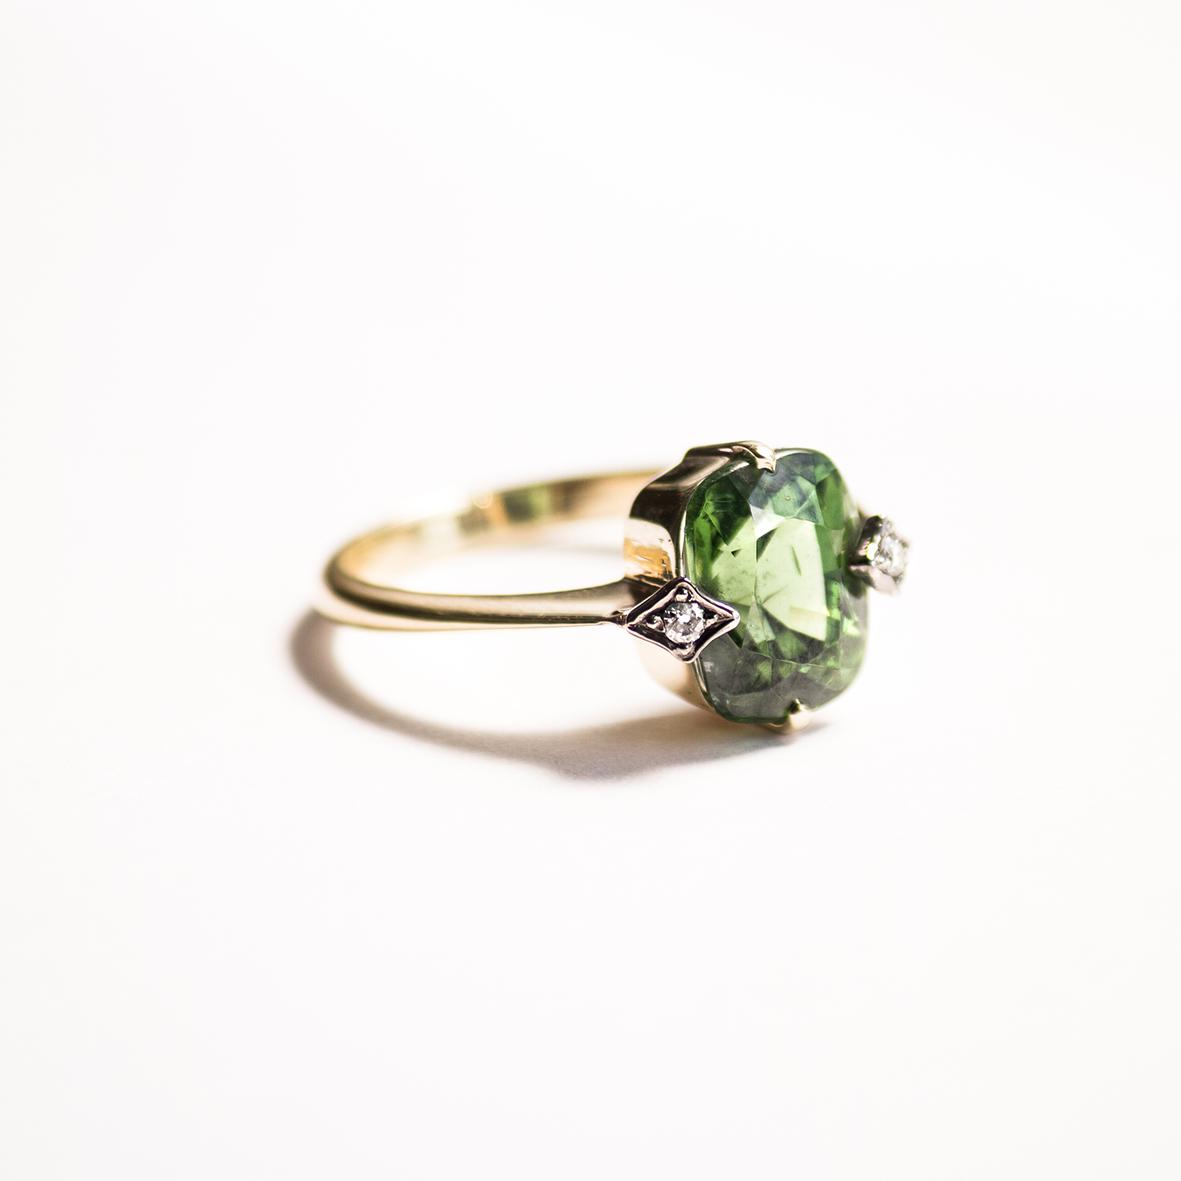 2. OONA_engagement_ficha2_green zircon_2